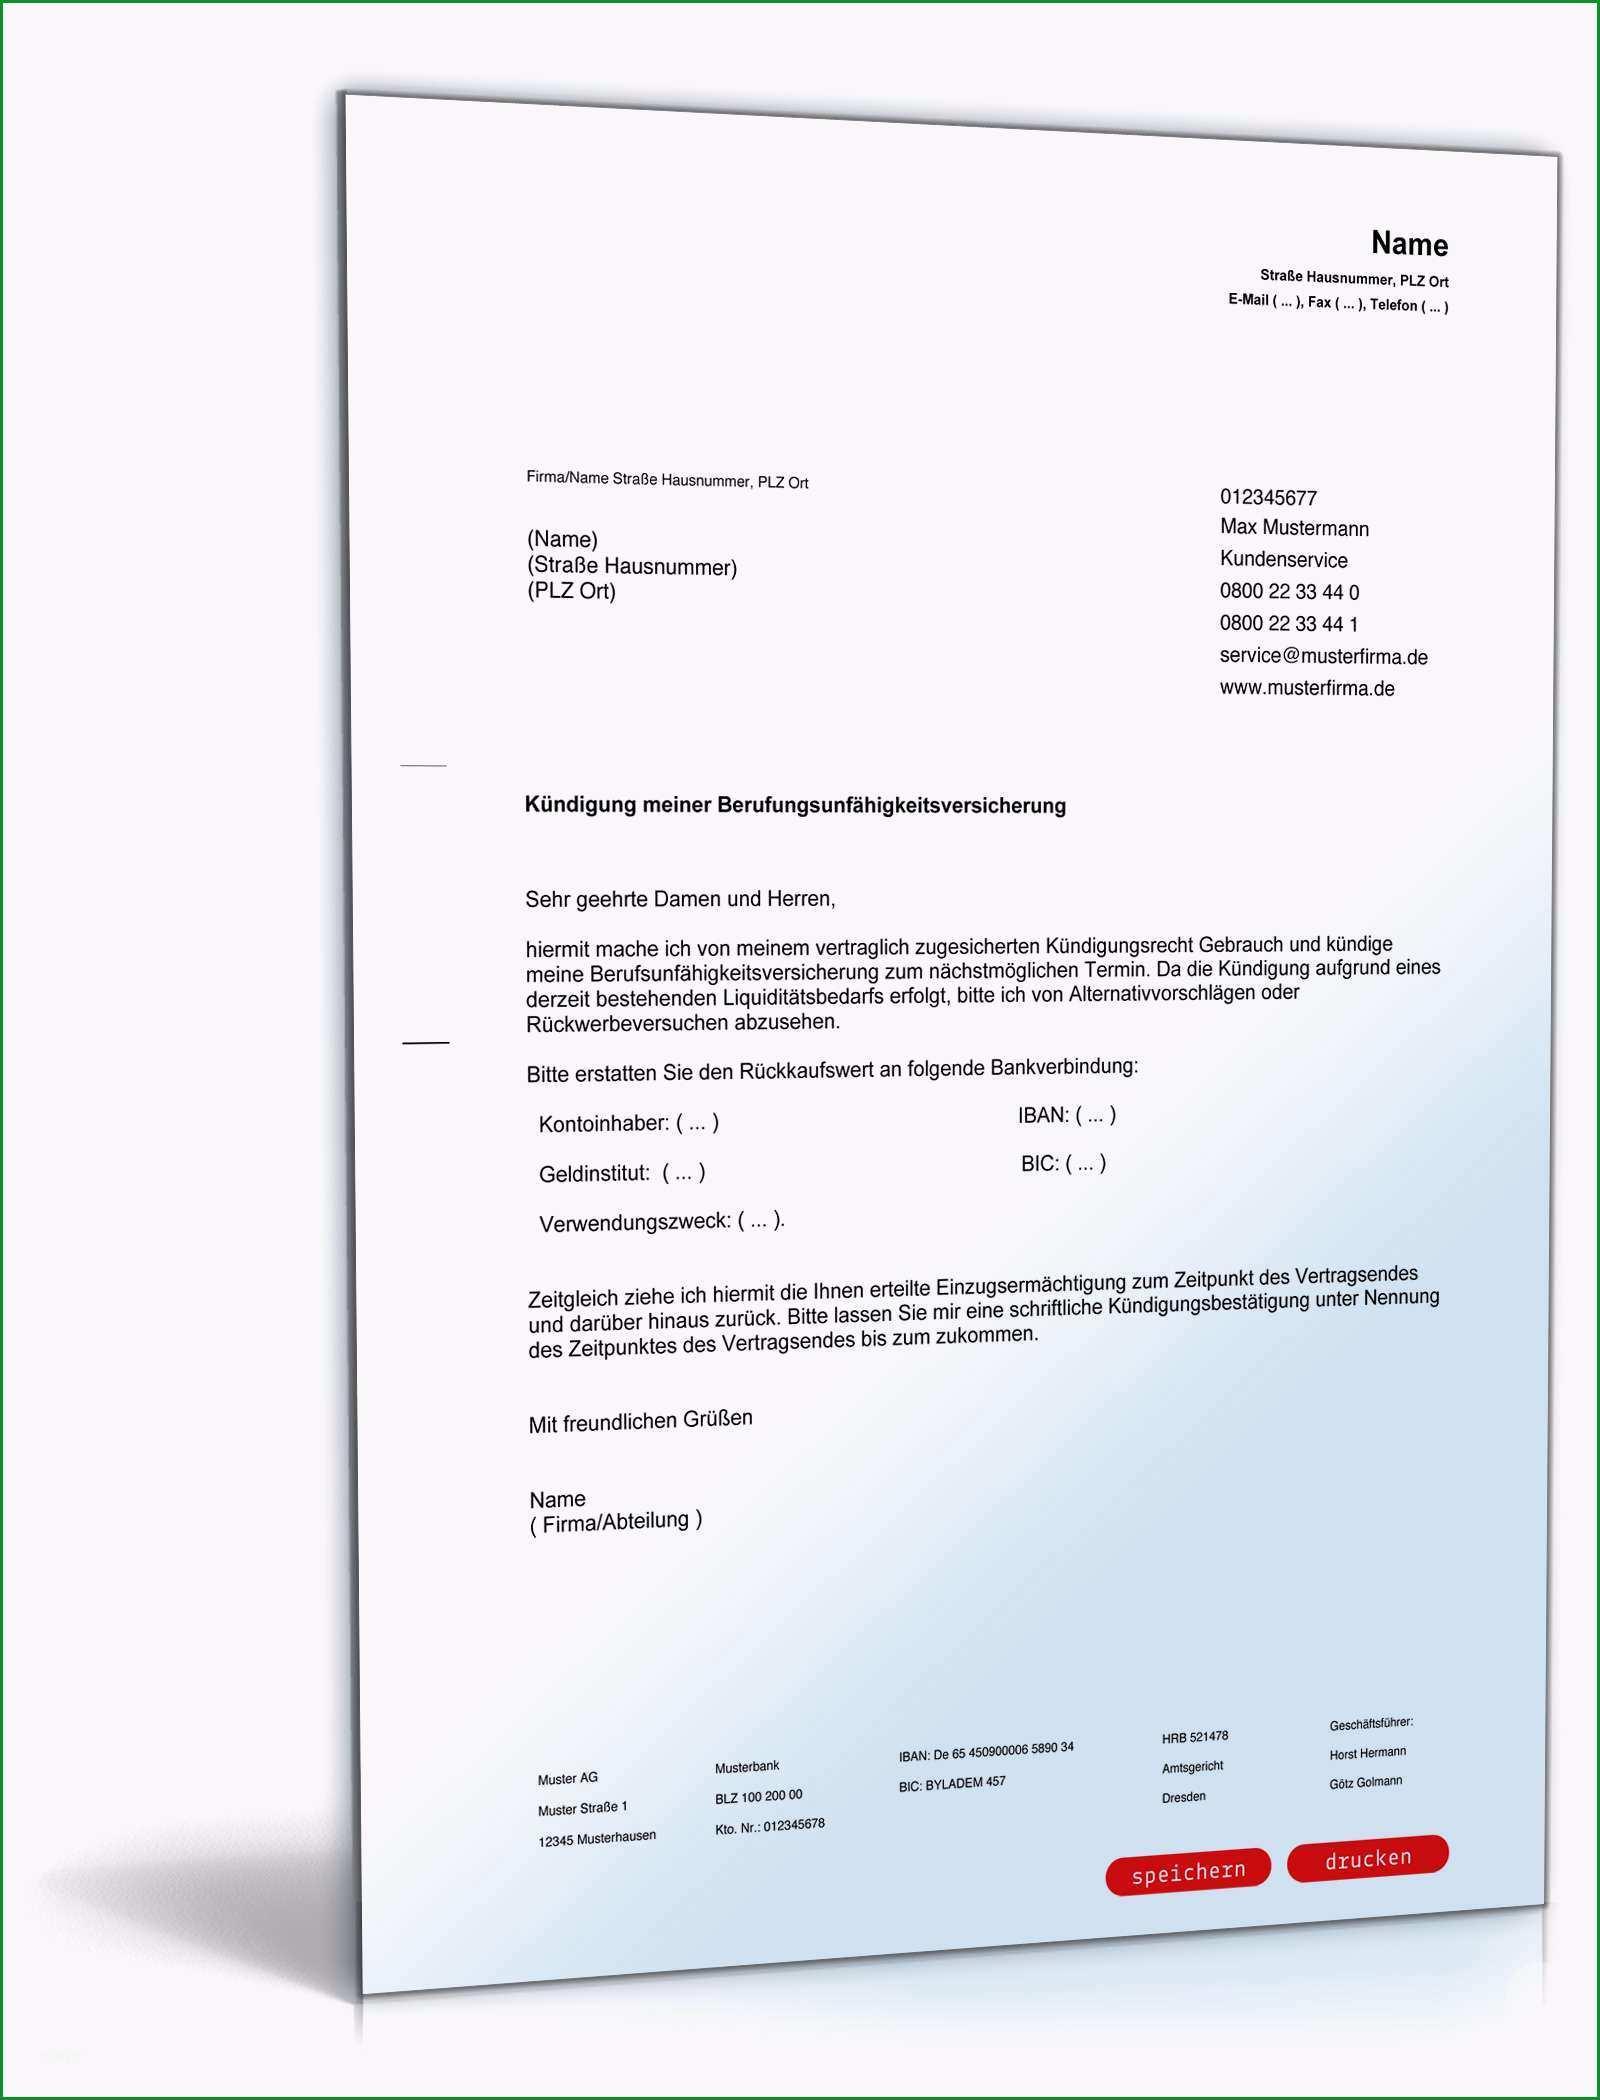 Ausgezeichnet Kündigung Berufsunfähigkeitsversicherung